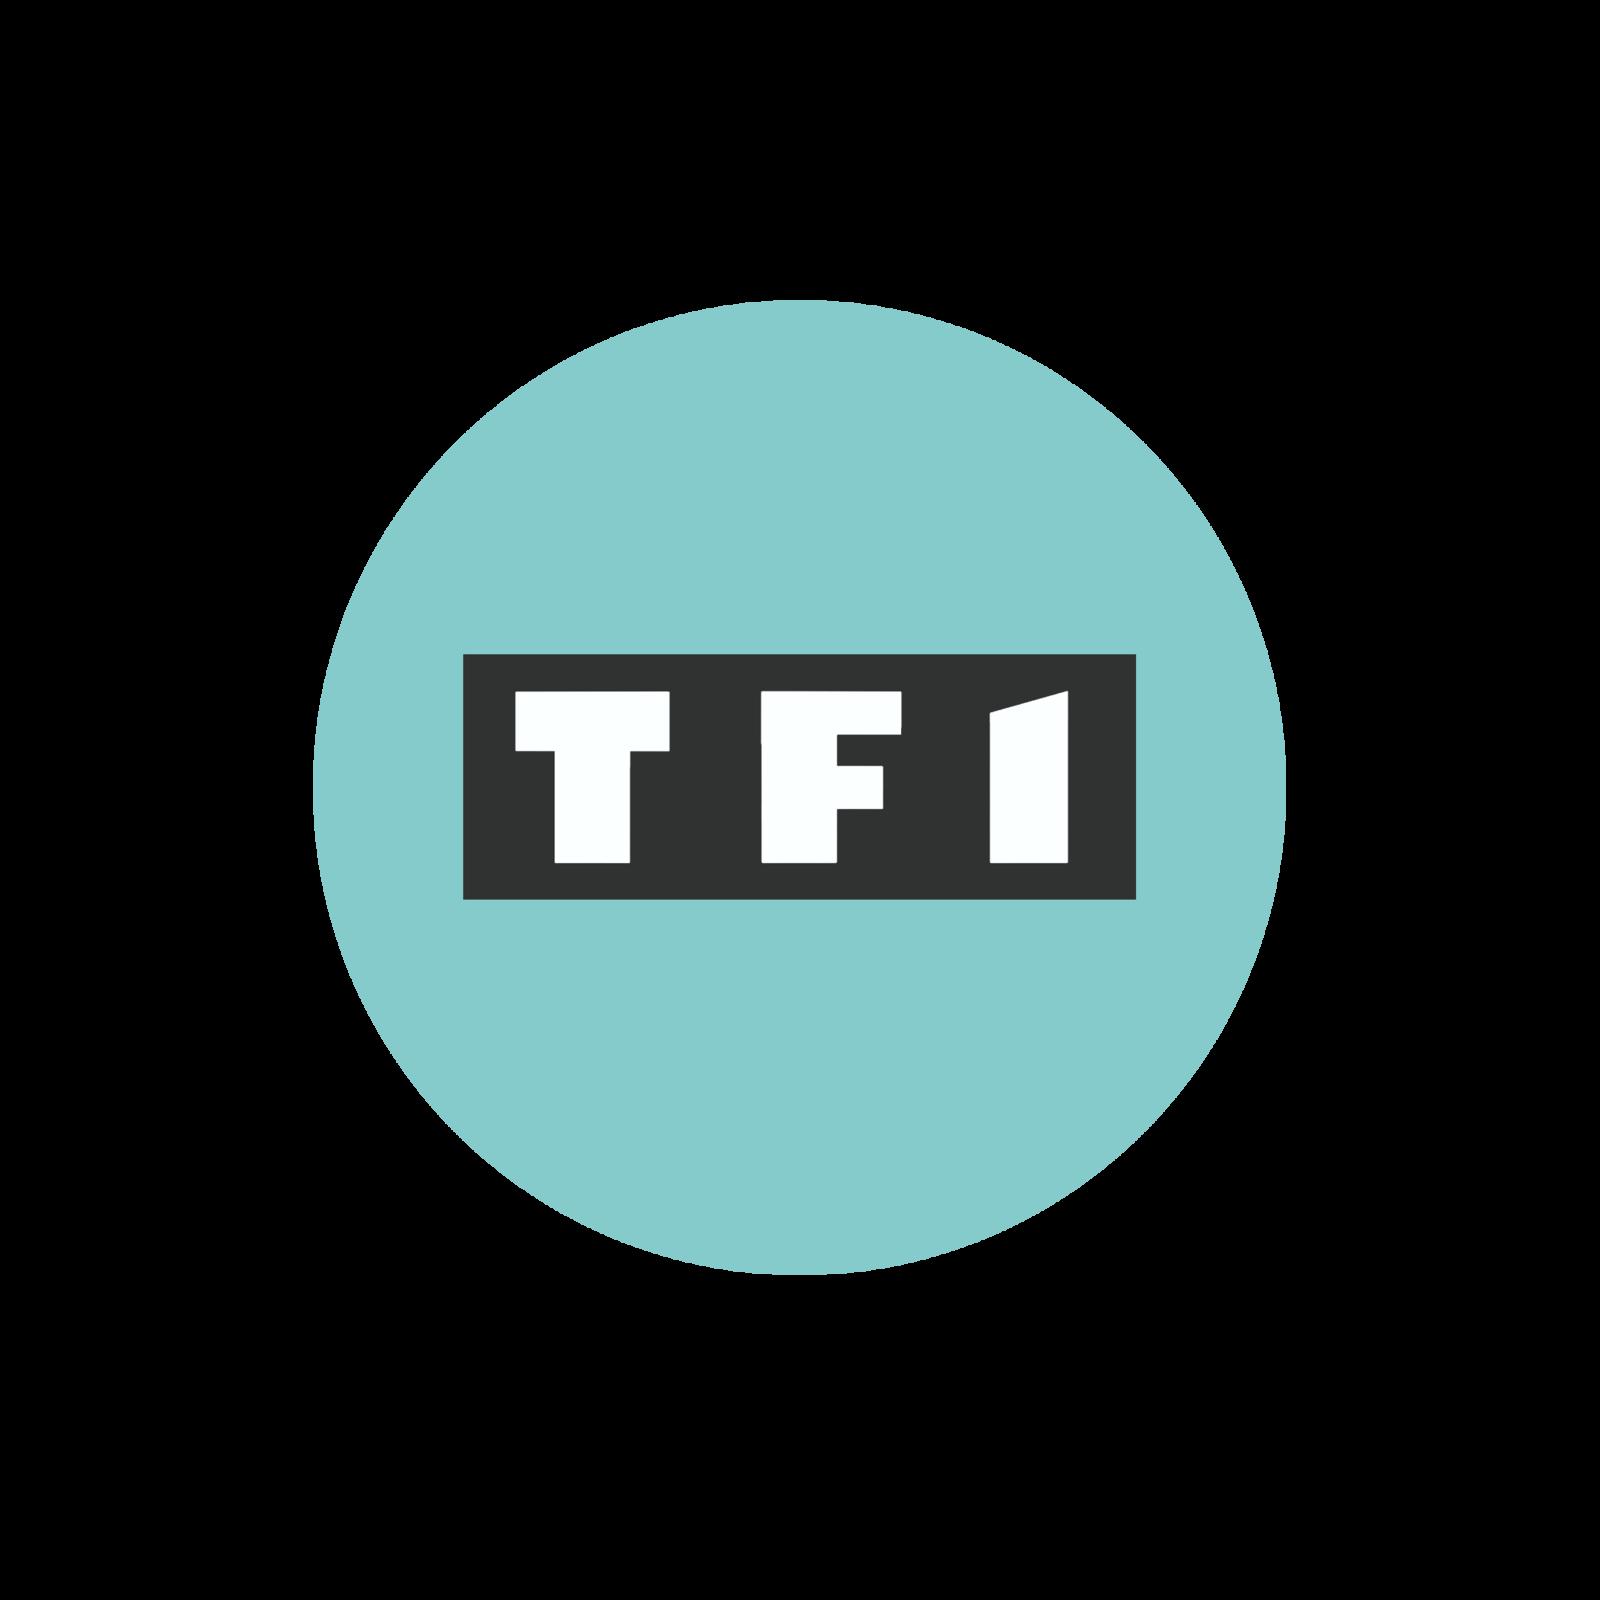 Fin (provisoire ?) des accords de distribution des chaînes en clair du groupe TF1 avec Orange...